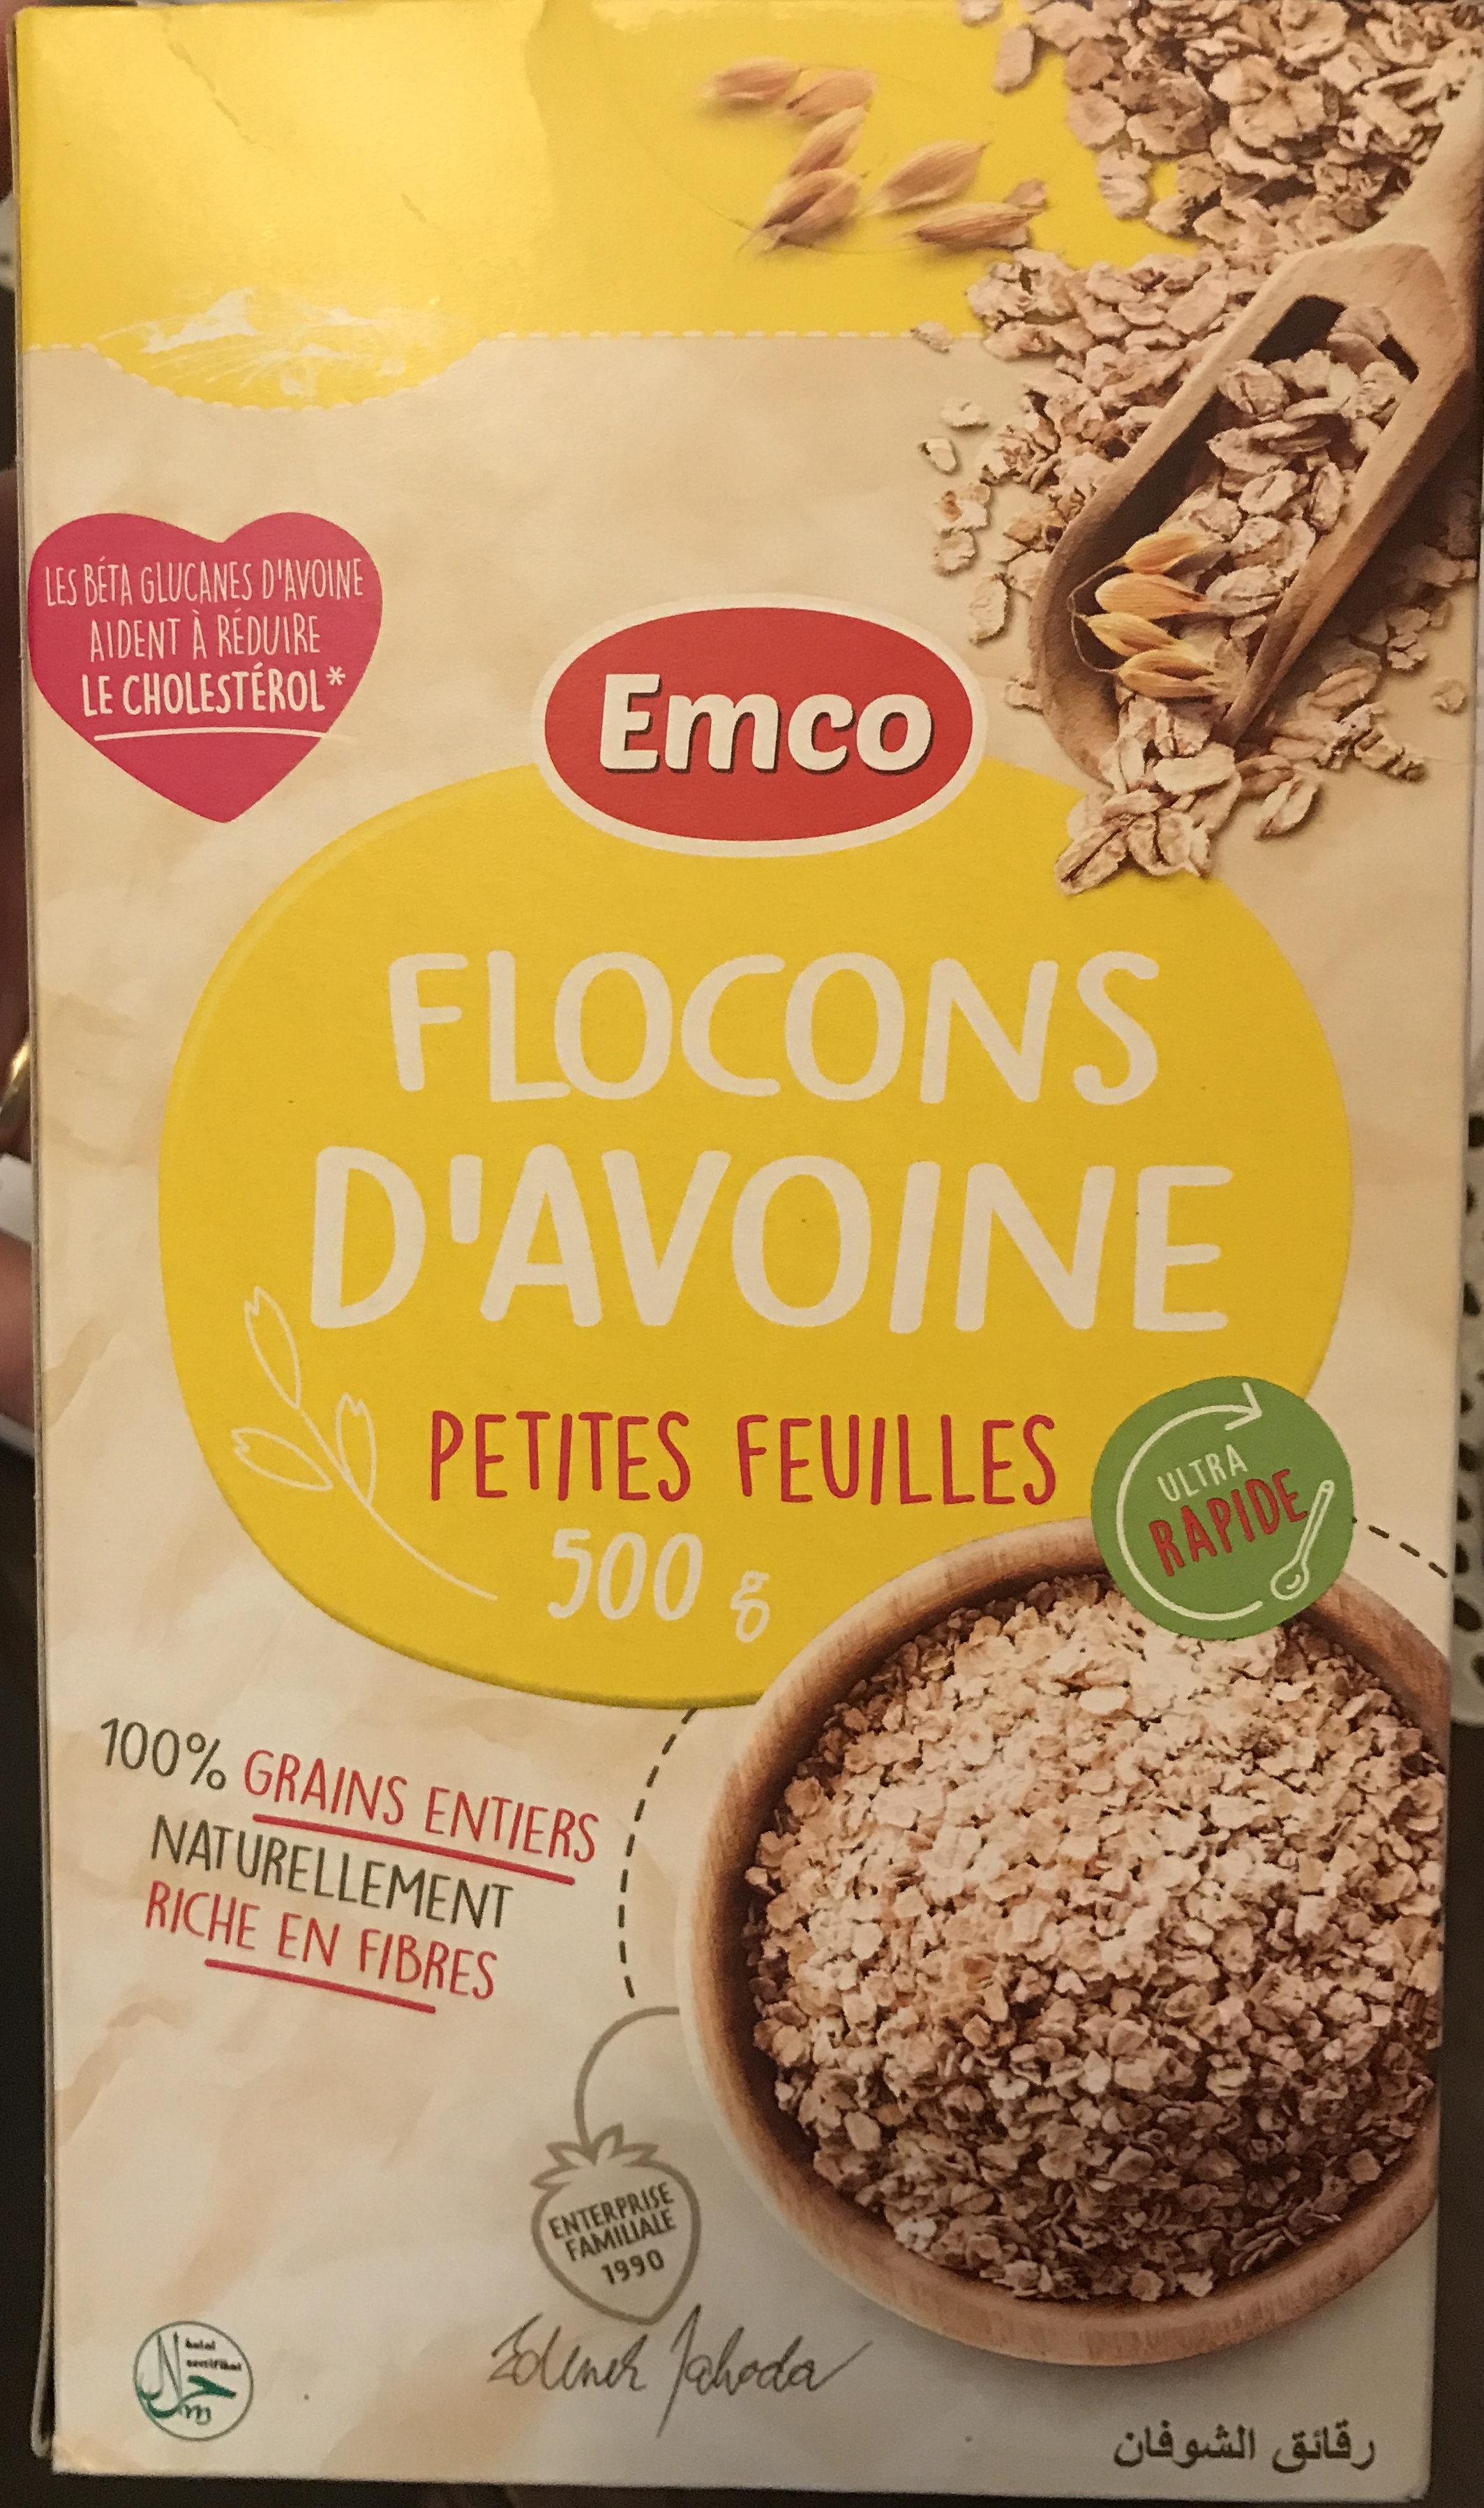 Flocons d'avoine petites feuilles - Produit - fr